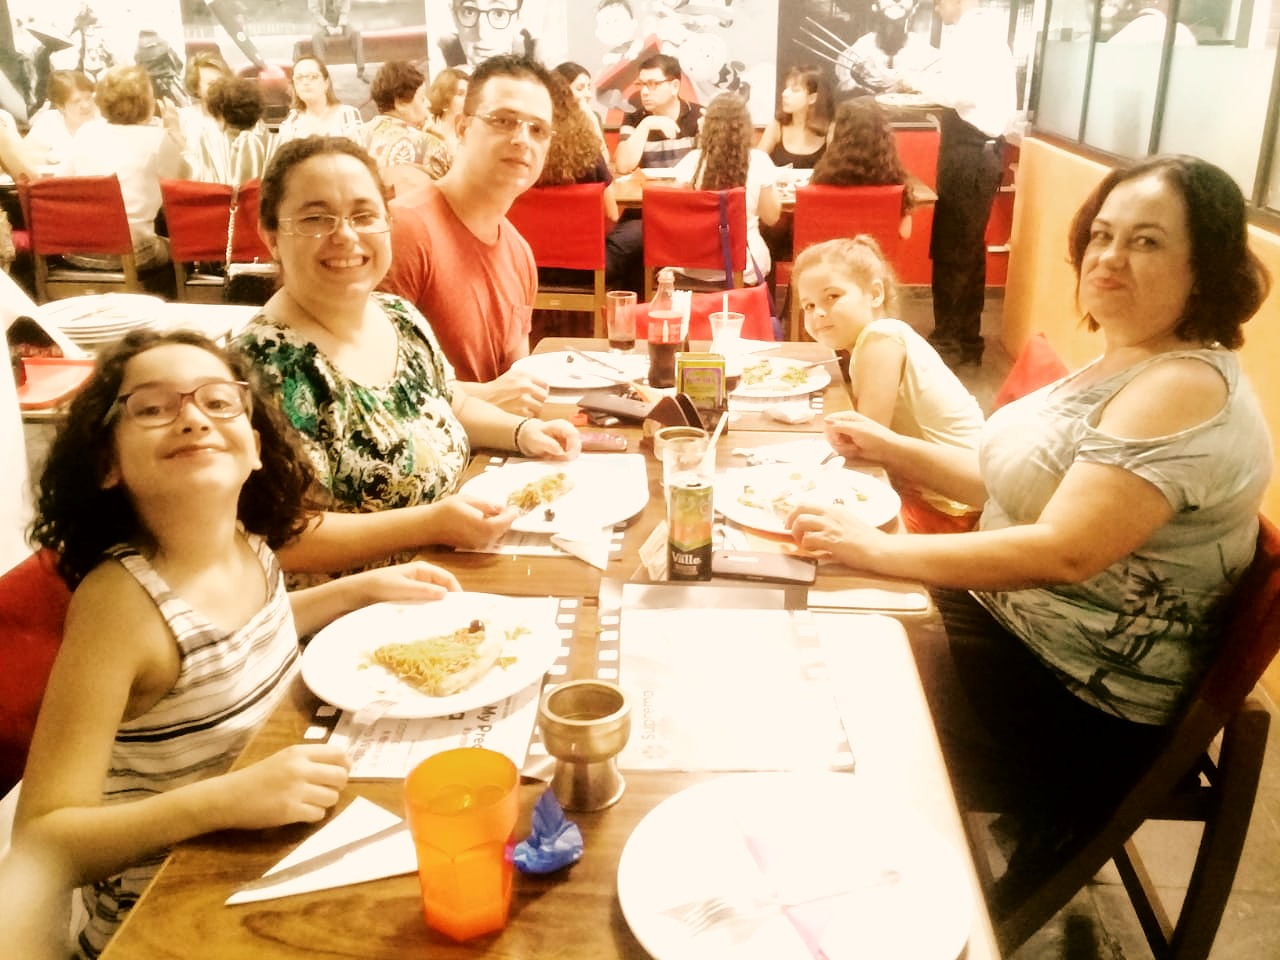 Família Reunida para comer uma pizza